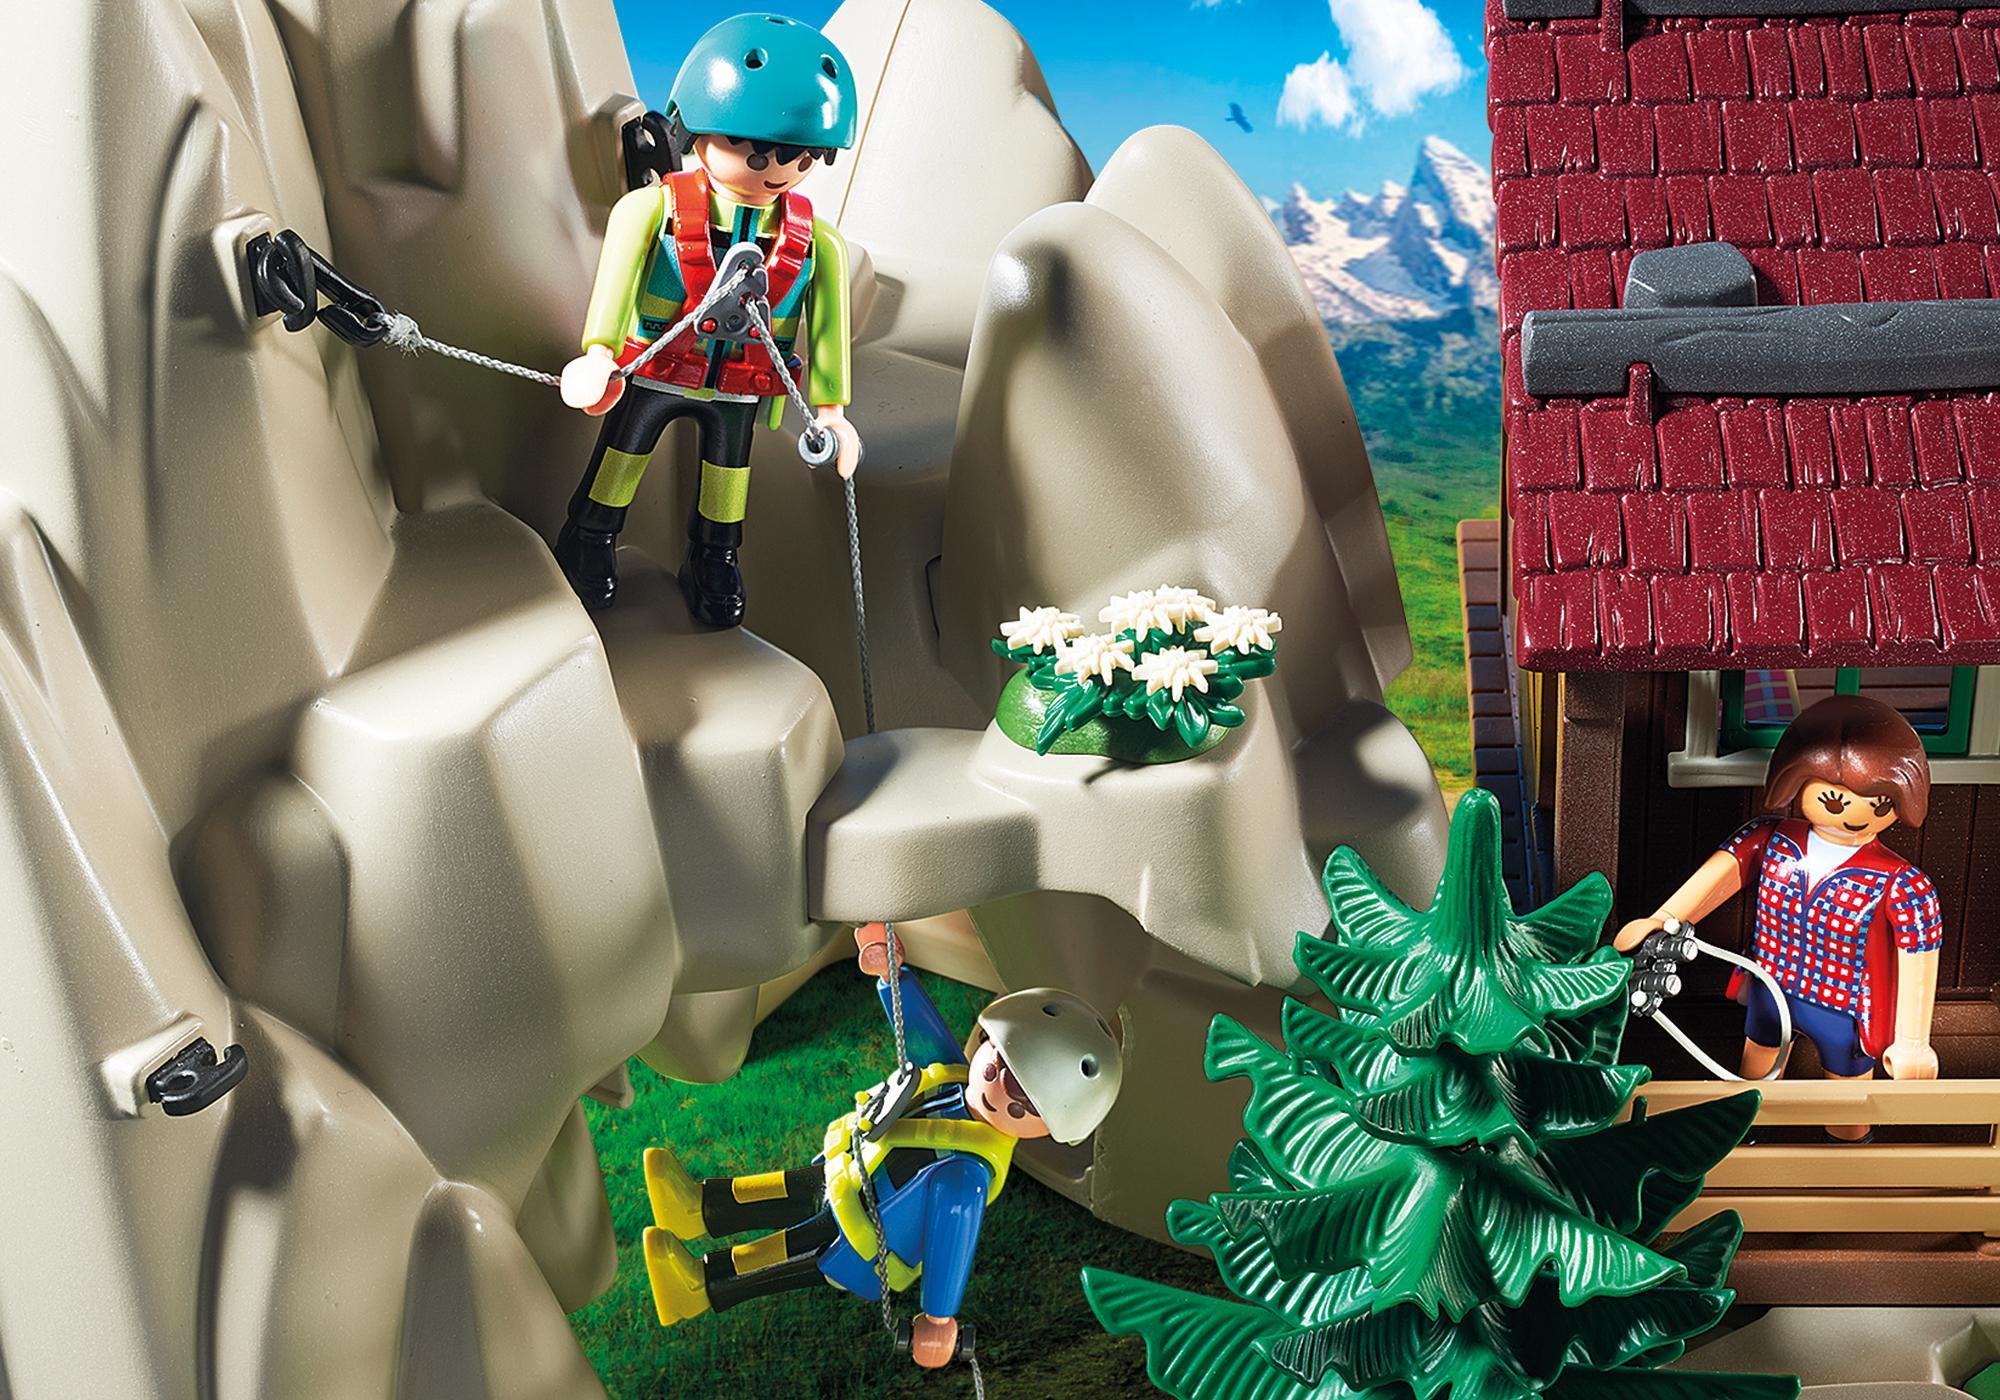 http://media.playmobil.com/i/playmobil/9126_product_extra3/Alpinistas com Cabine